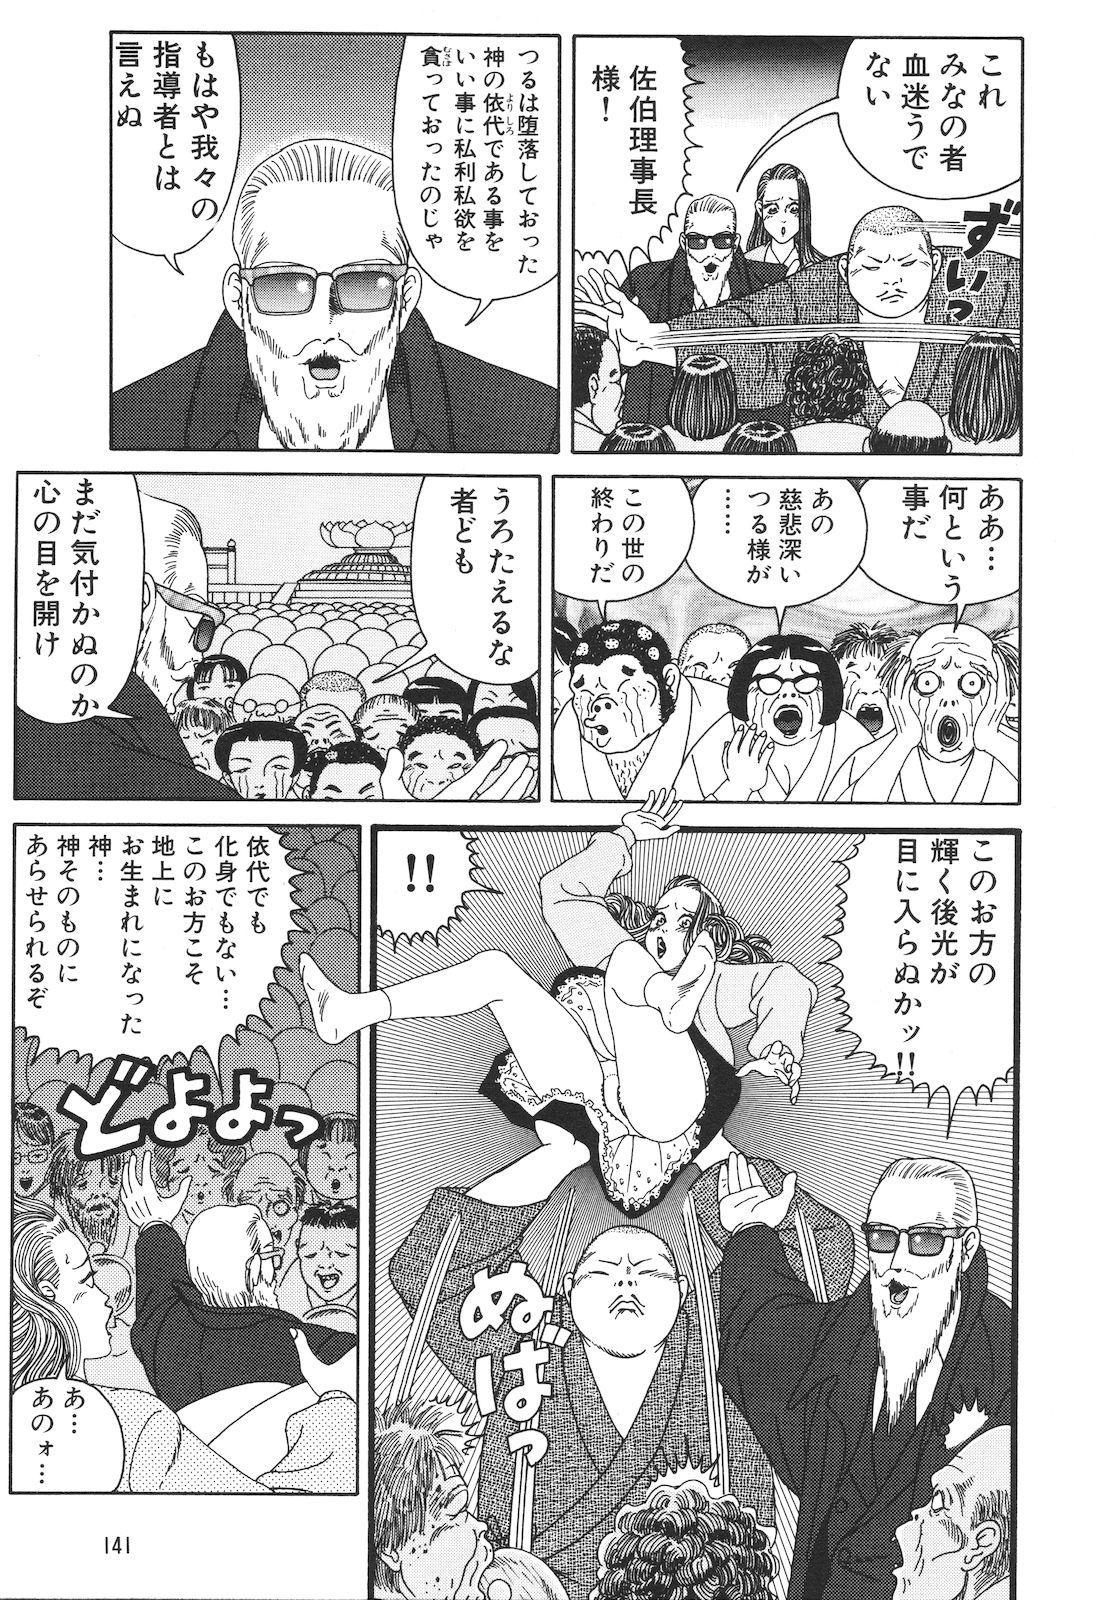 Dobusarai Gekijou 142